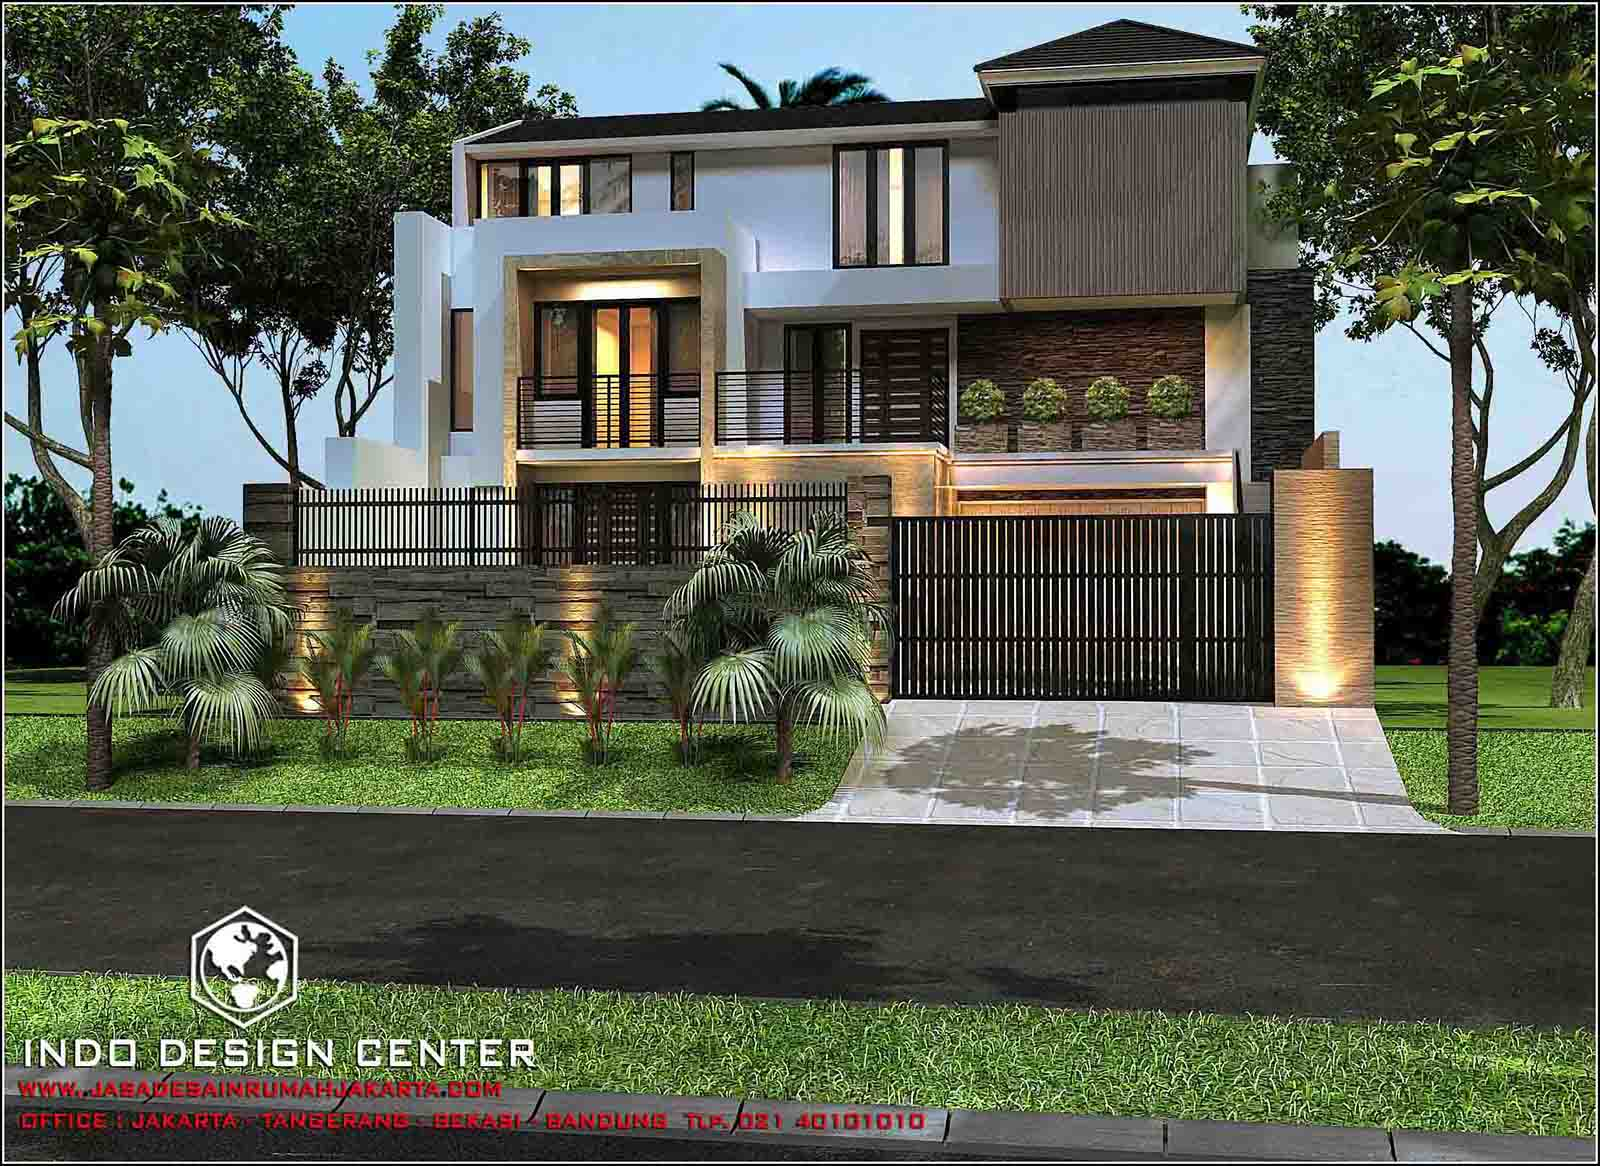 Rumah Minimalis 3 Lantai Tampak Minimalis 2 Lantai Jasa Desain